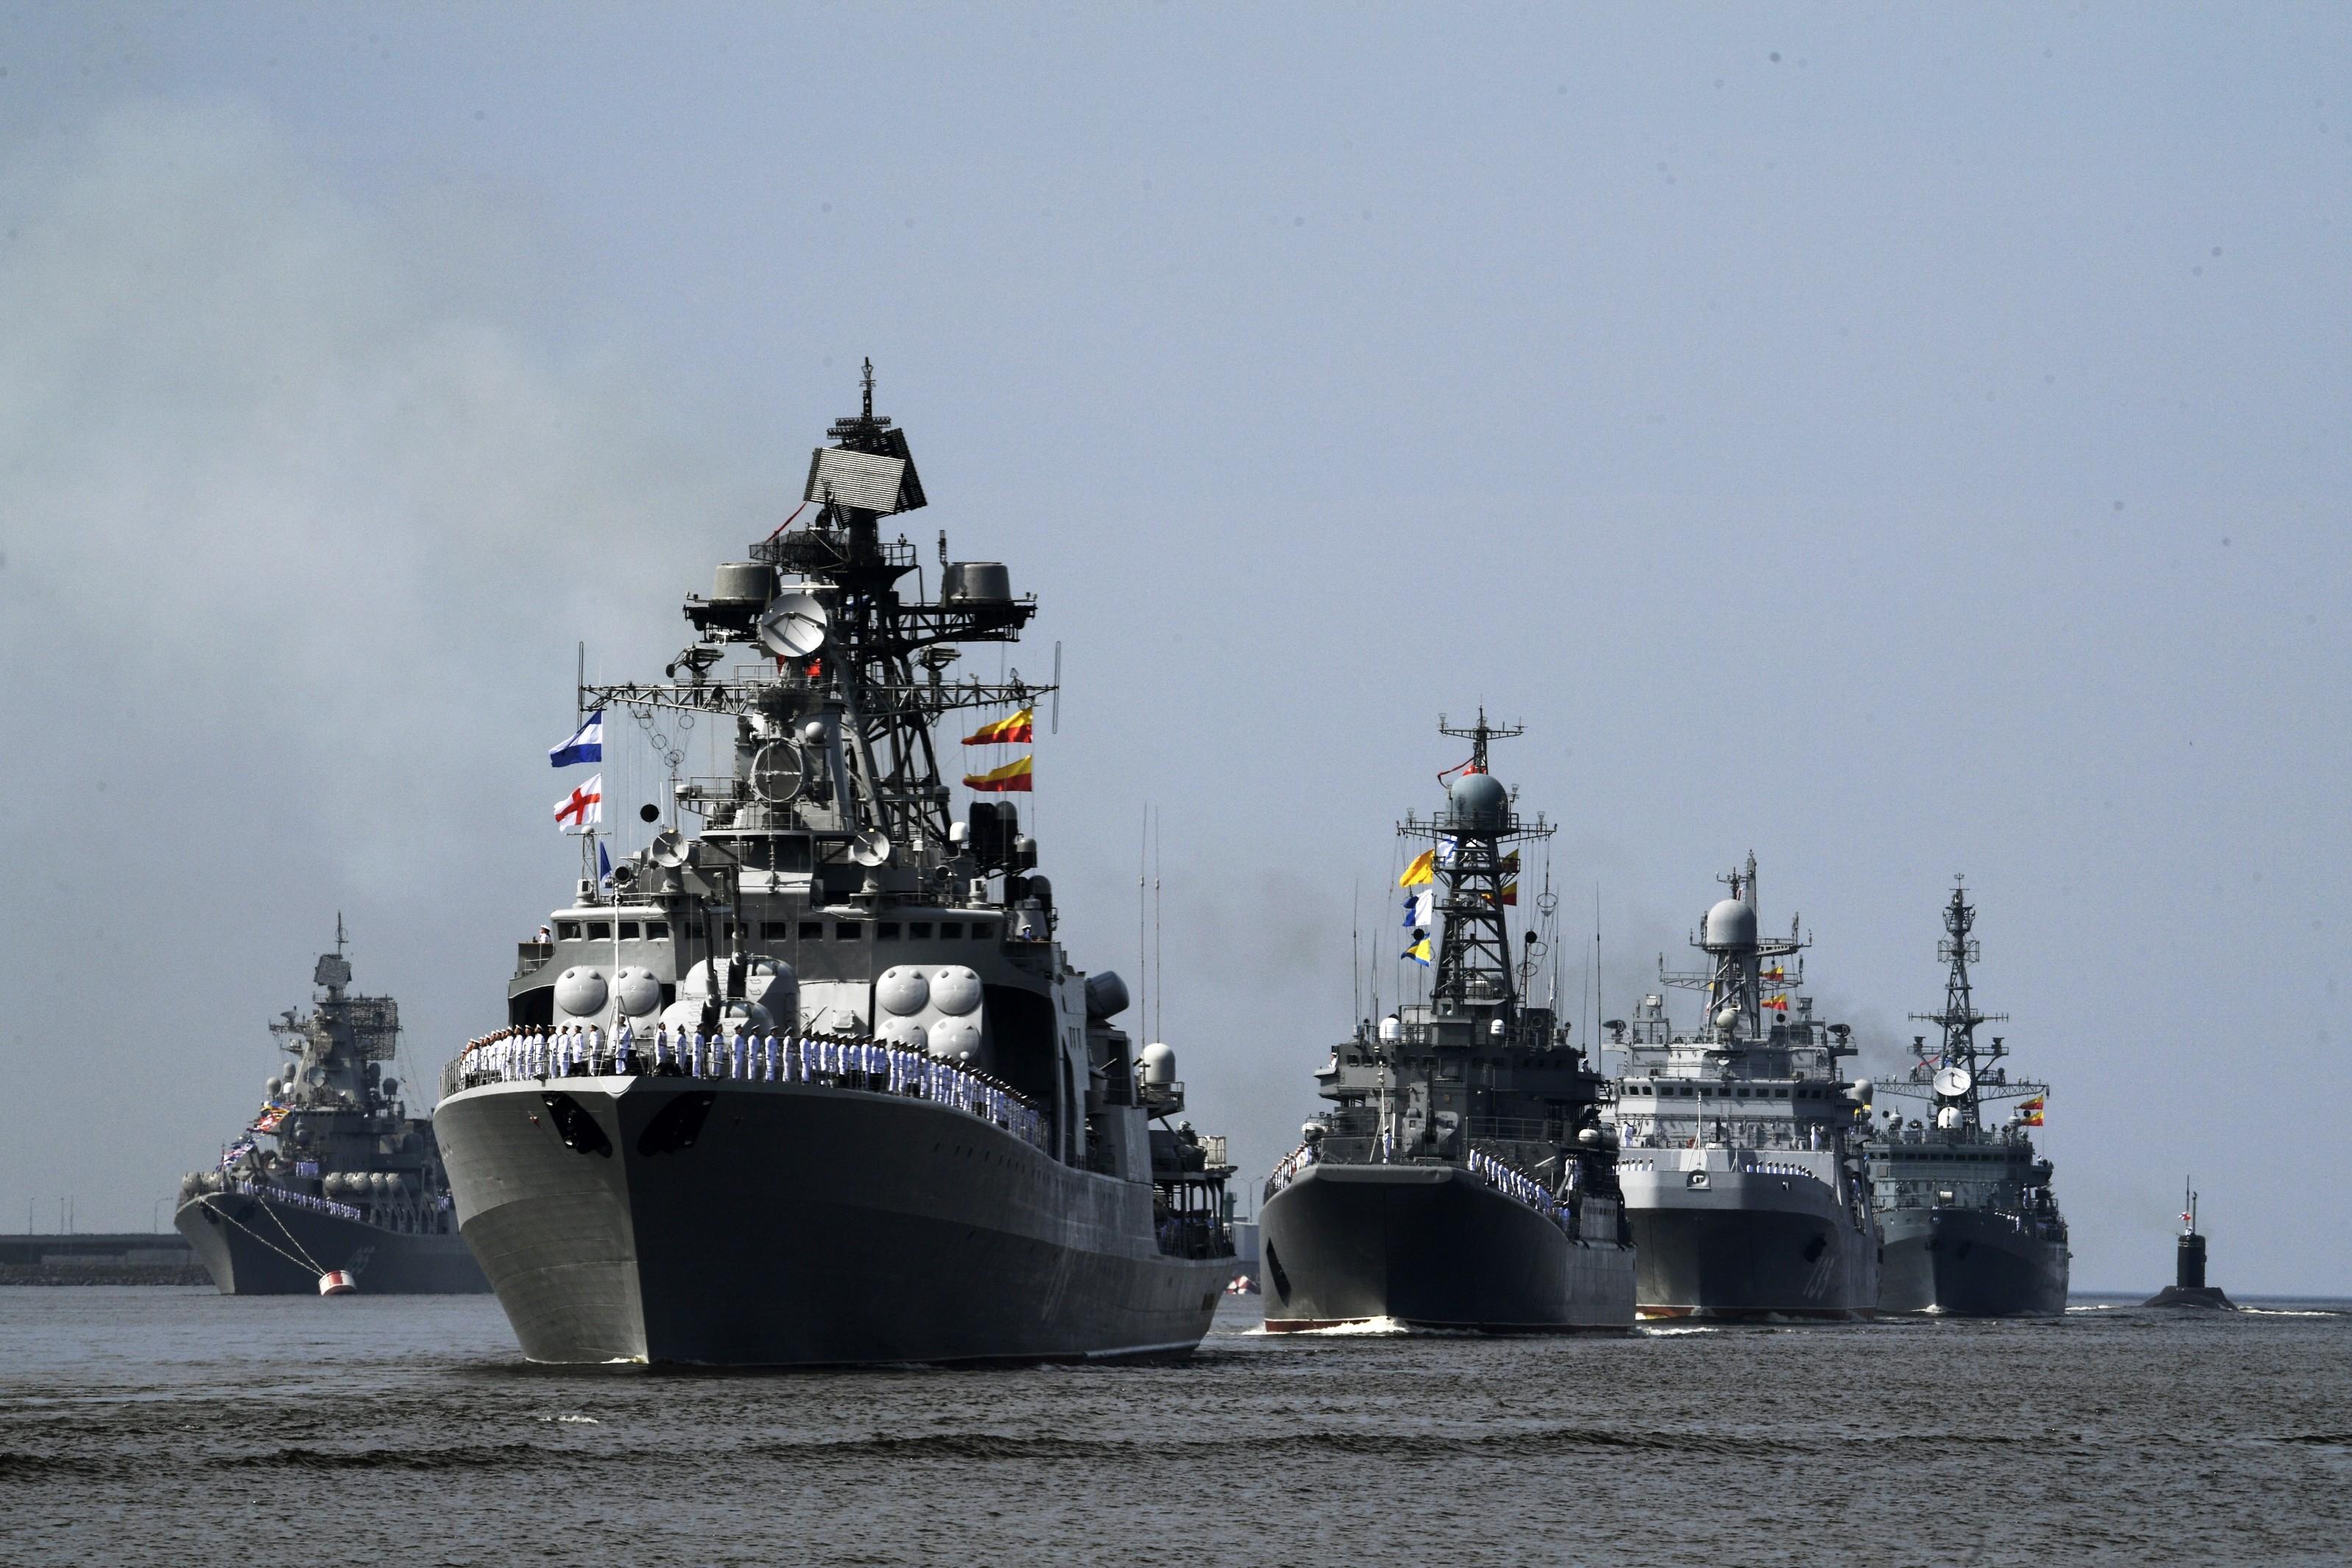 ищете какие военные корабли есть у россии фото для начала небольшая